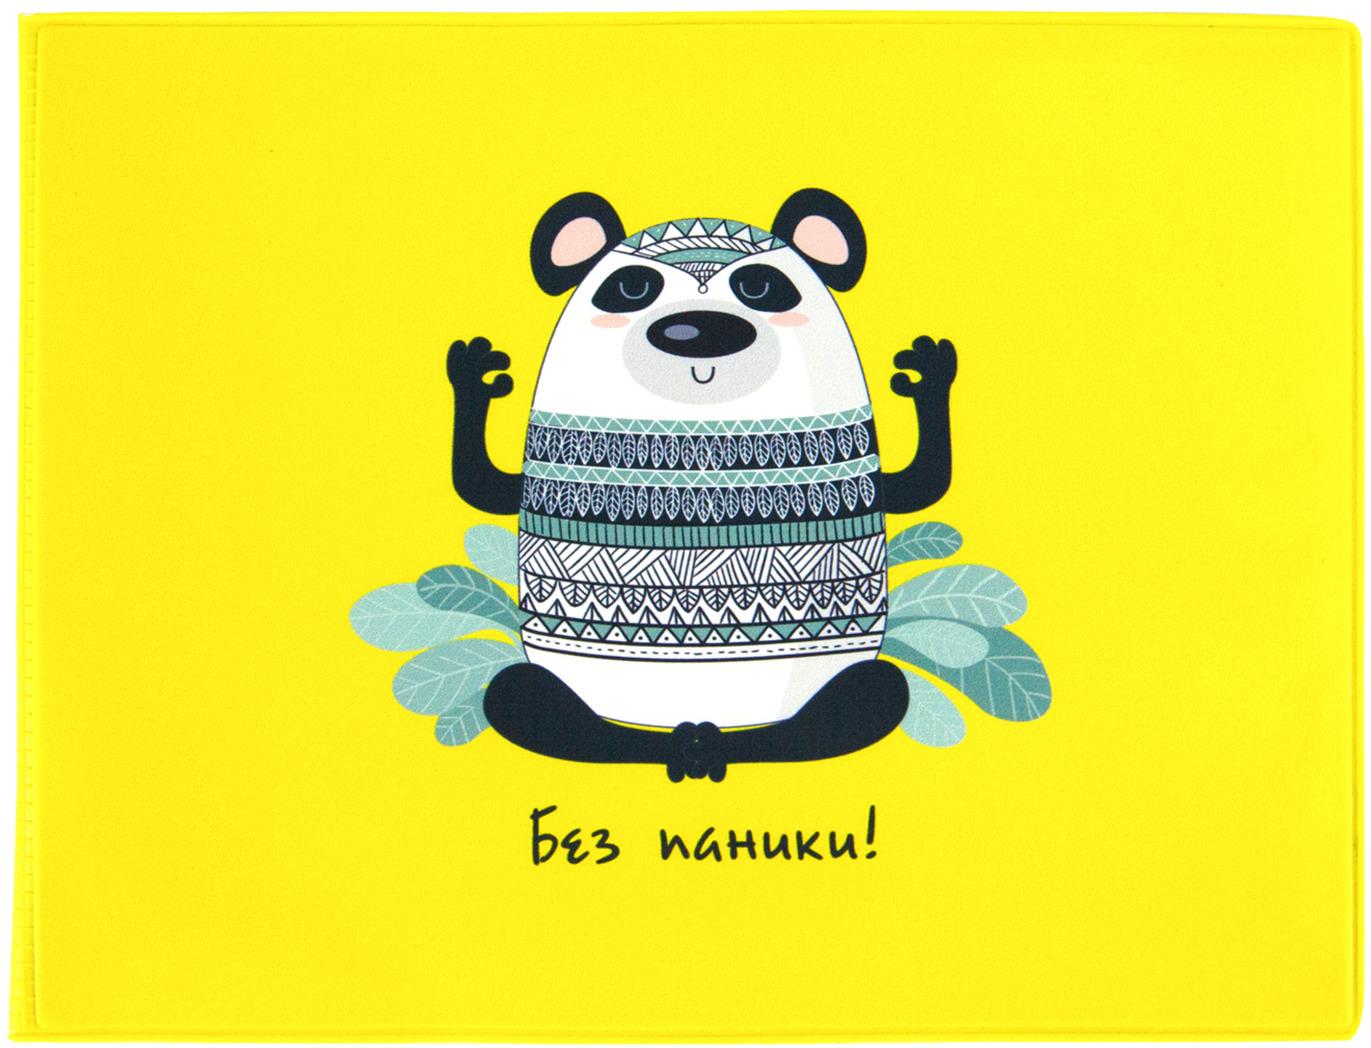 Обложка на зачетную книжку Kawaii Factory Без паники, цвет: черный, зеленый, желтый. KW067-000125 обложка для автодокументов kawaii factory инструкция летчику цвет зеленый kw063 000022